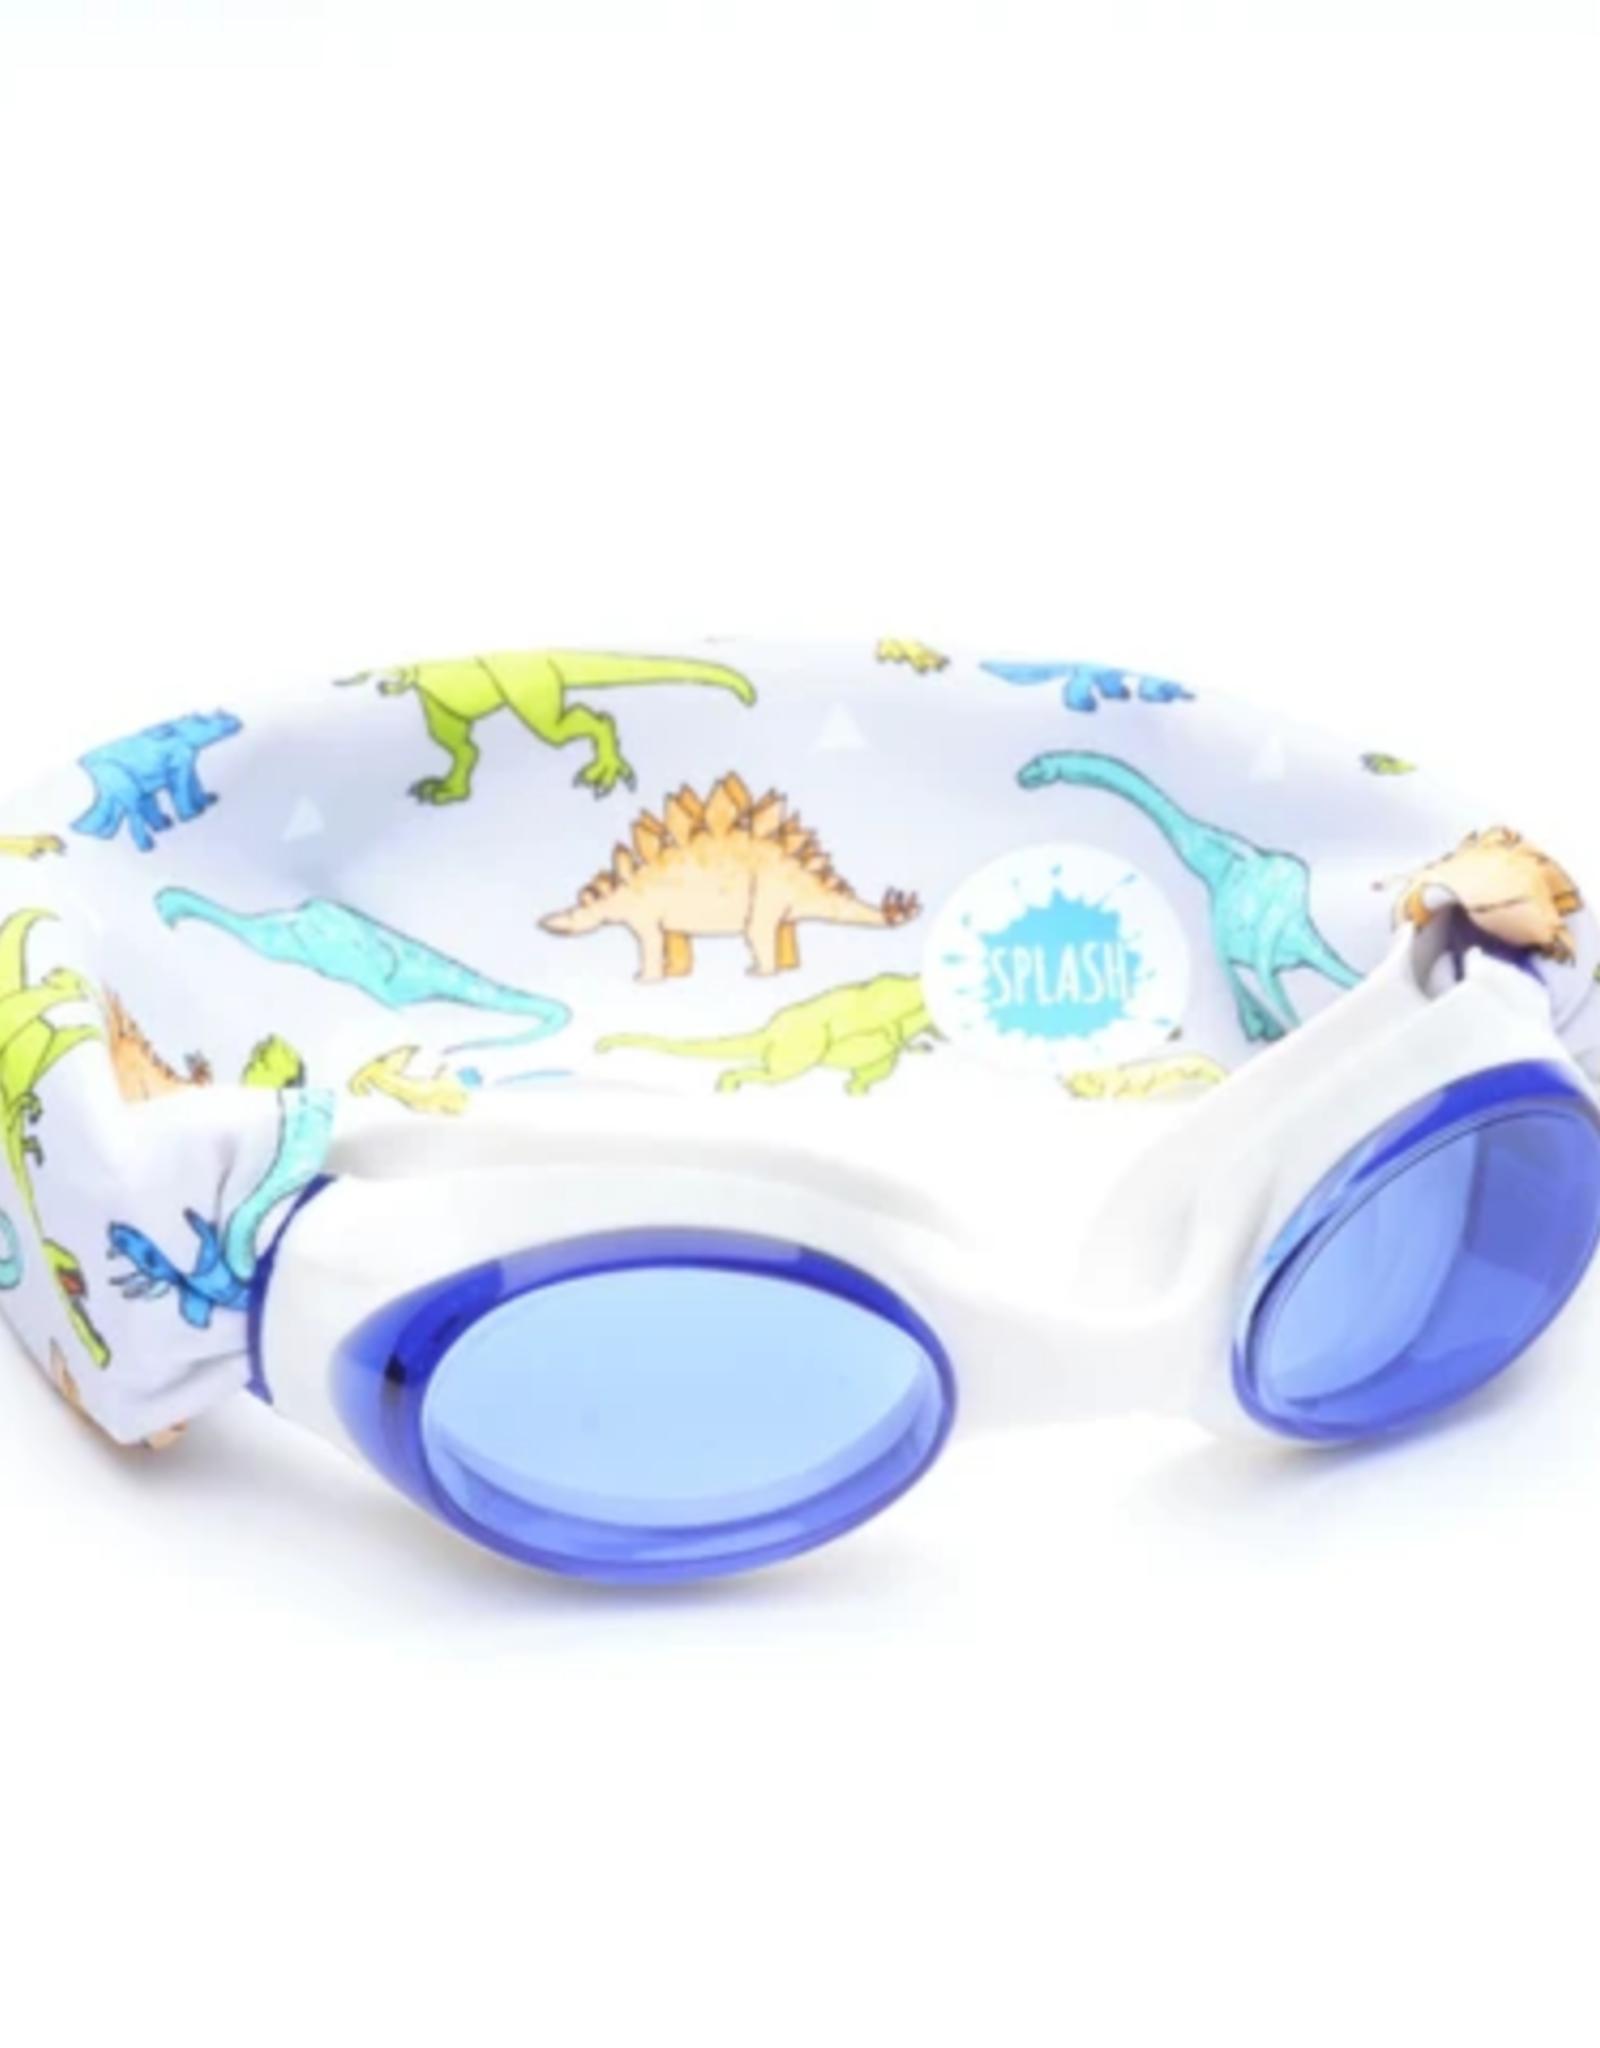 Splash Swim Goggles